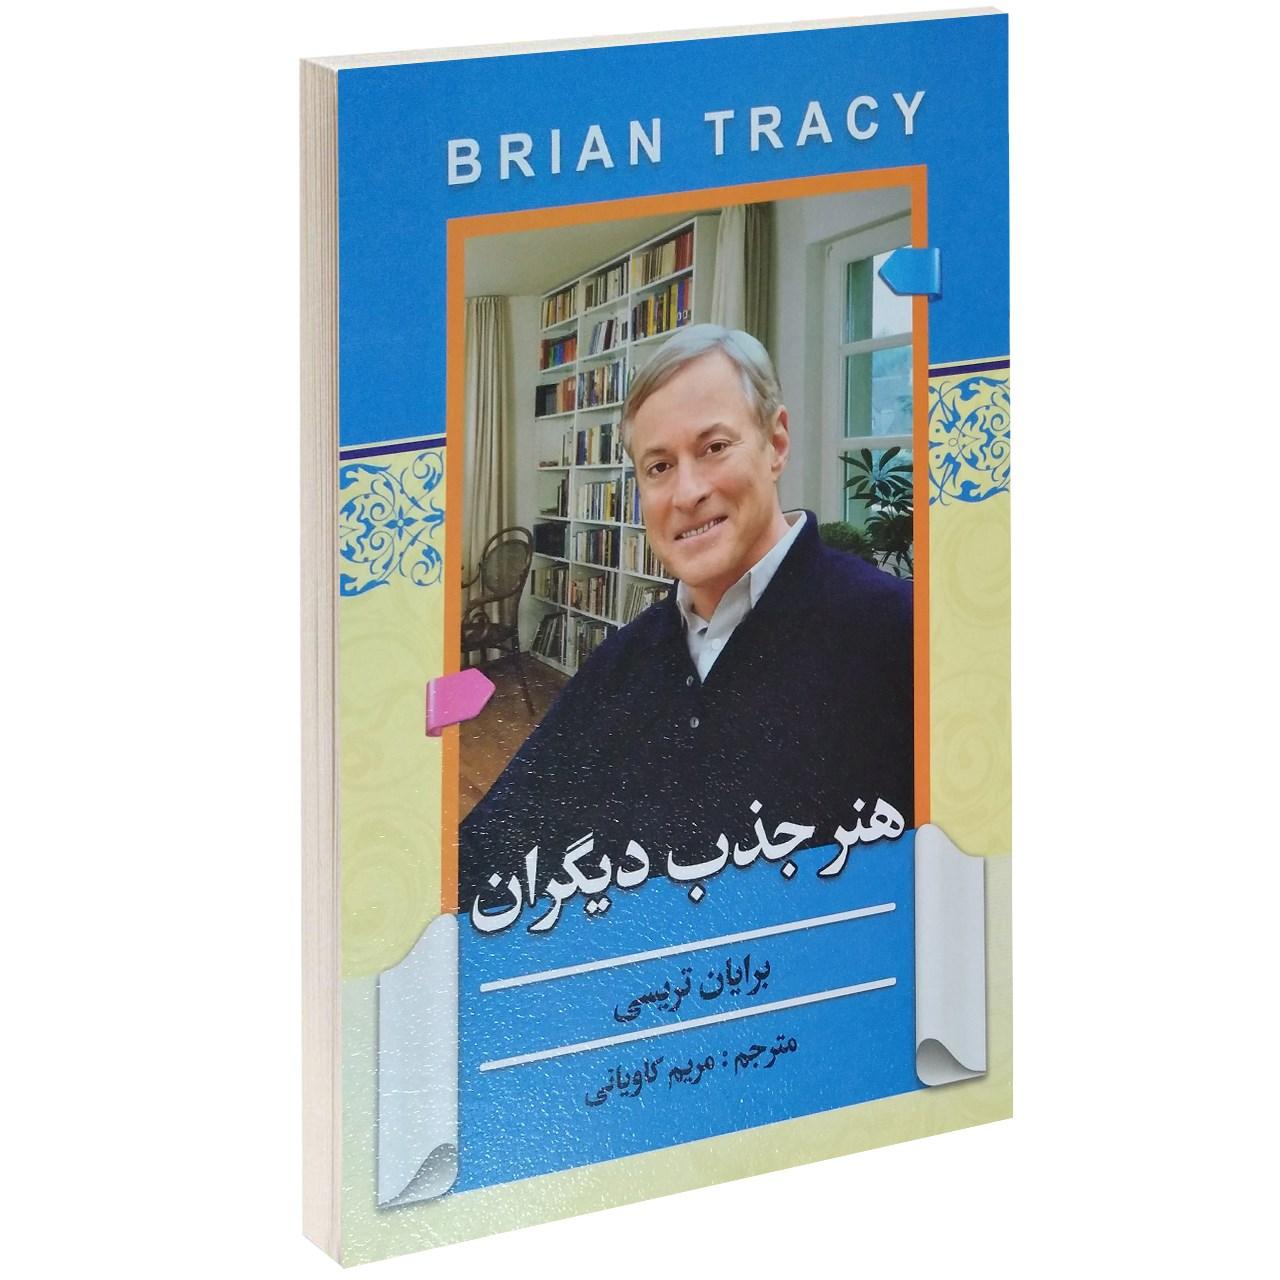 خرید                      کتاب هنر جذب دیگران اثر برایان تریسی